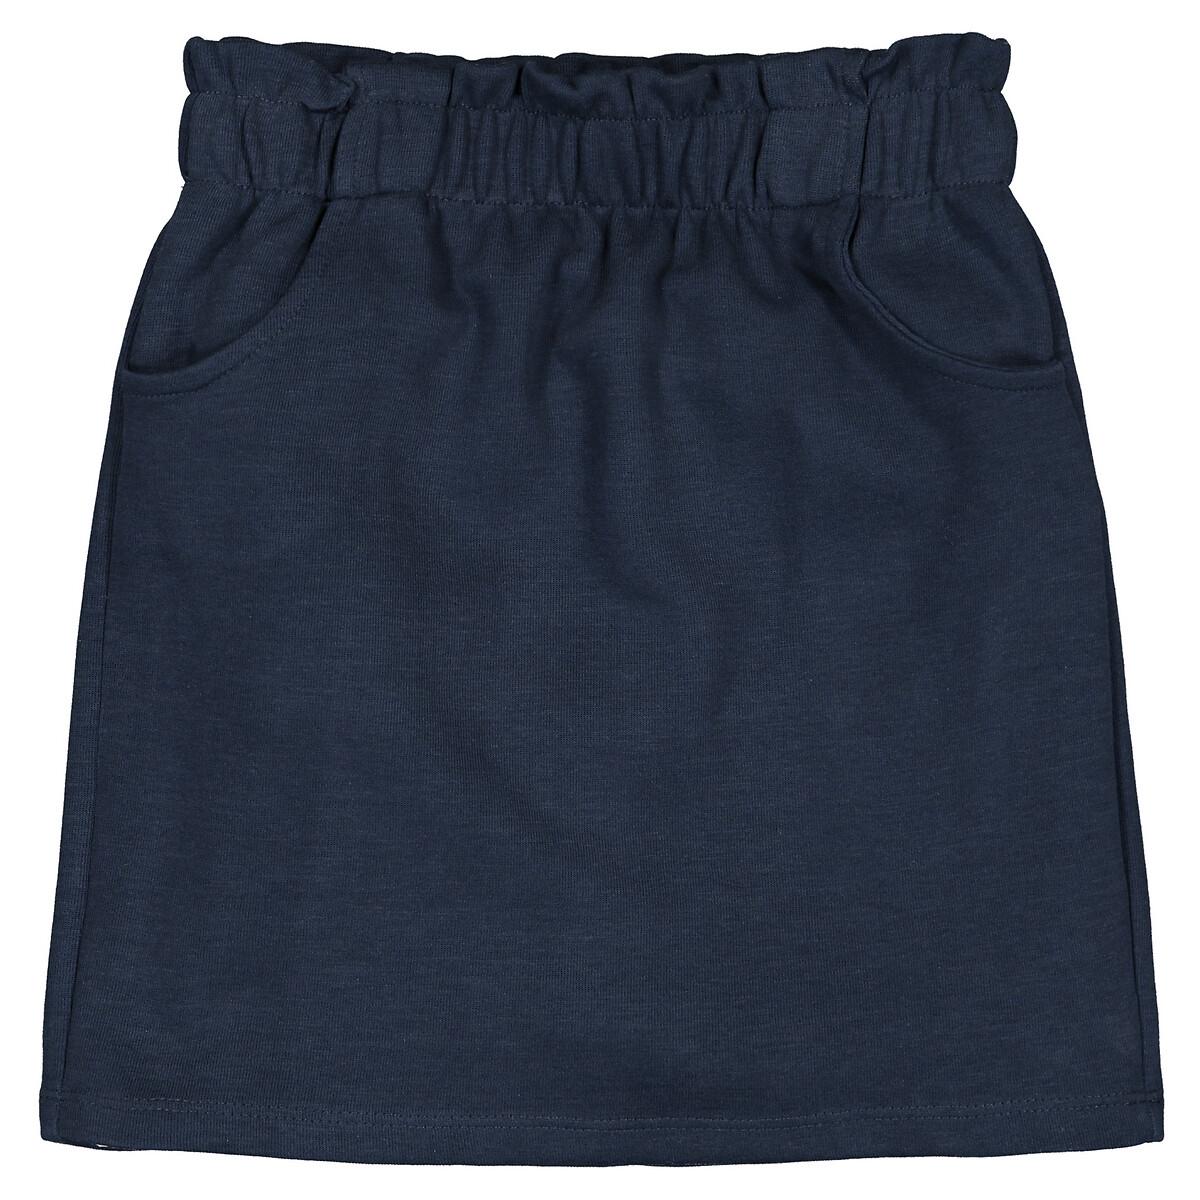 Фото - Юбка LaRedoute Прямая на эластичном поясе 3-12 лет 4 года - 102 см синий юбка laredoute прямая из легкого денима 3 12 лет 3 года 94 см синий